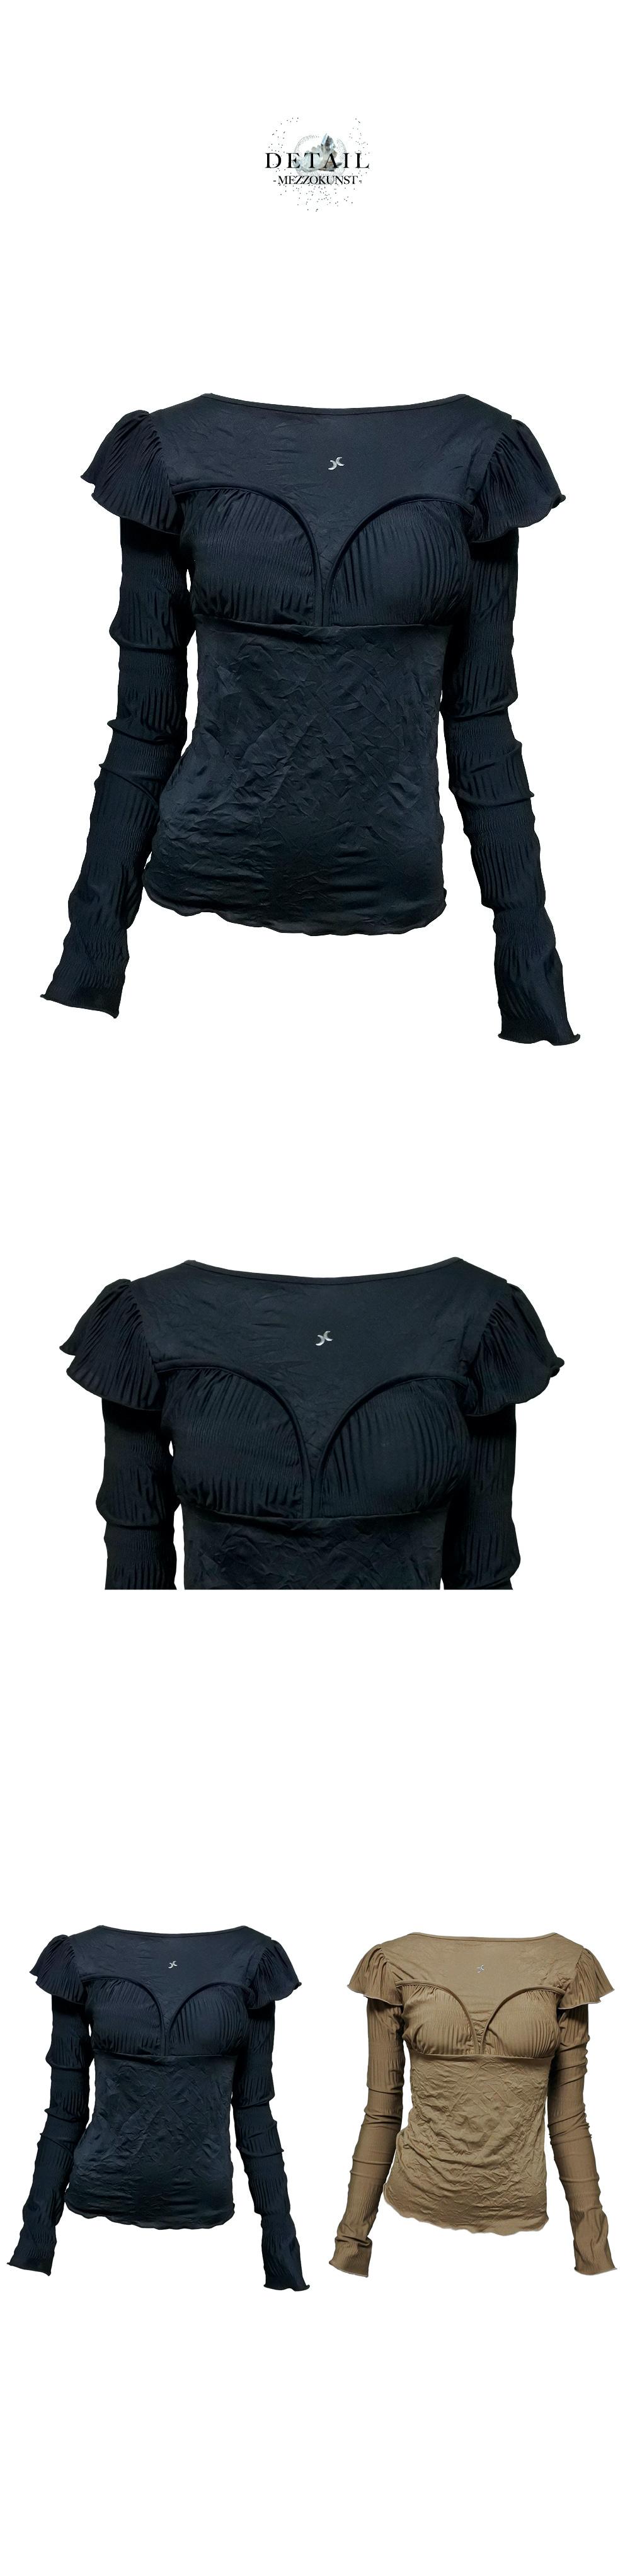 메조쿤스트(MEZZOKUNST) 링클 주름 티셔츠 - 블랙